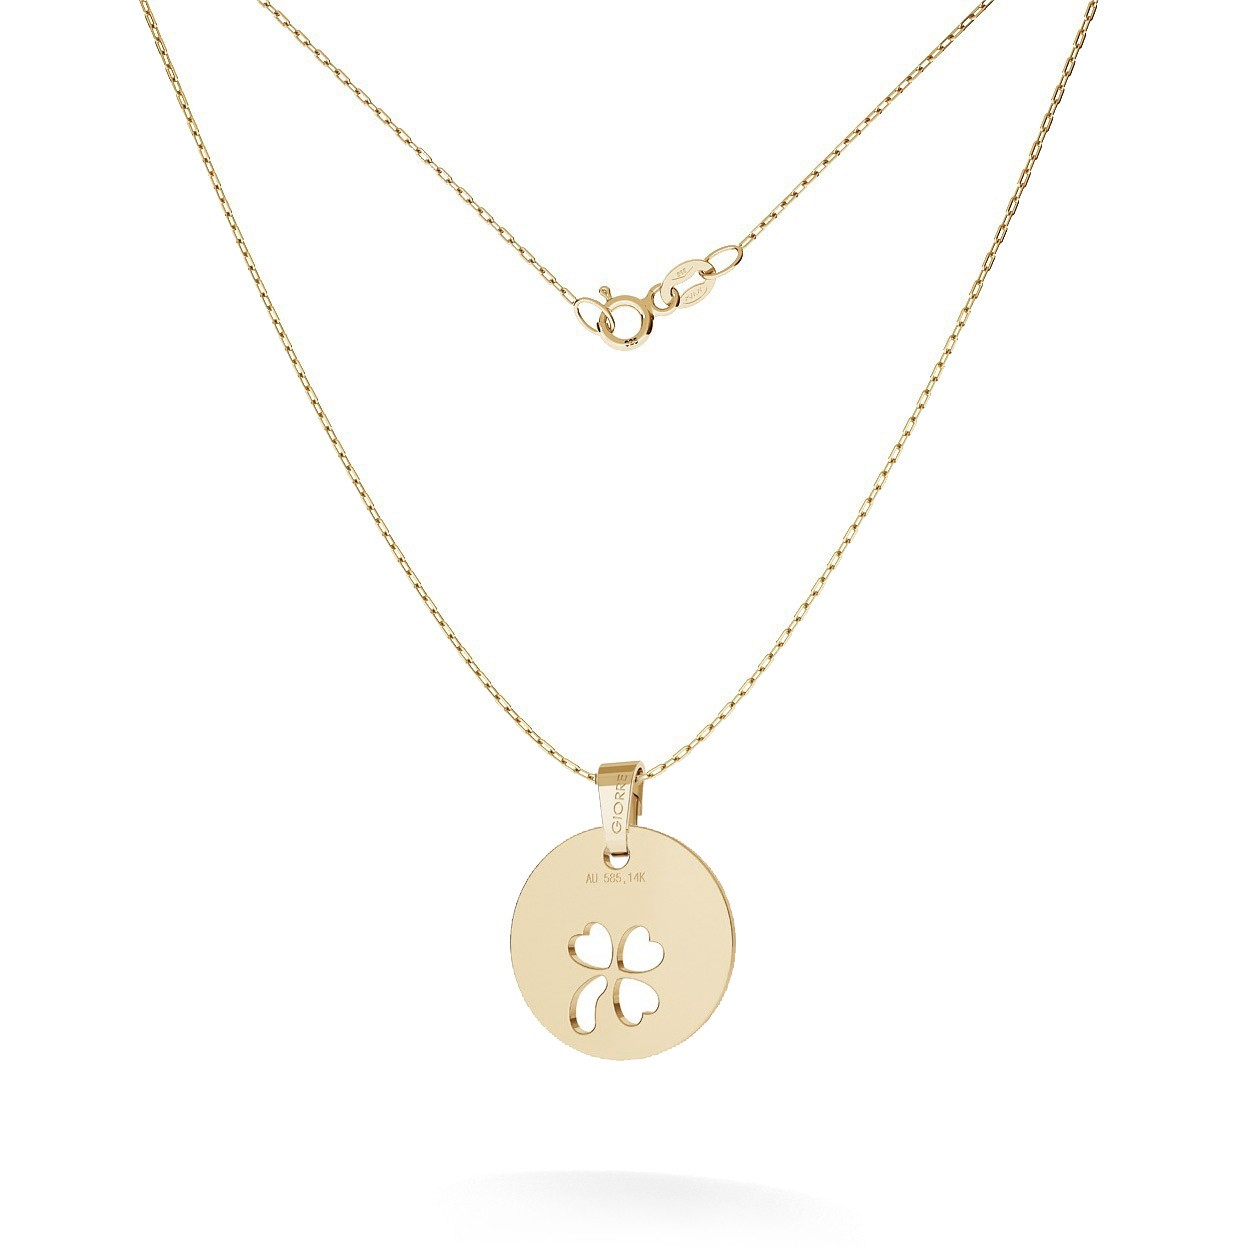 Halskette mit KLEE anhänger, GOLD 14K, MODEL 24